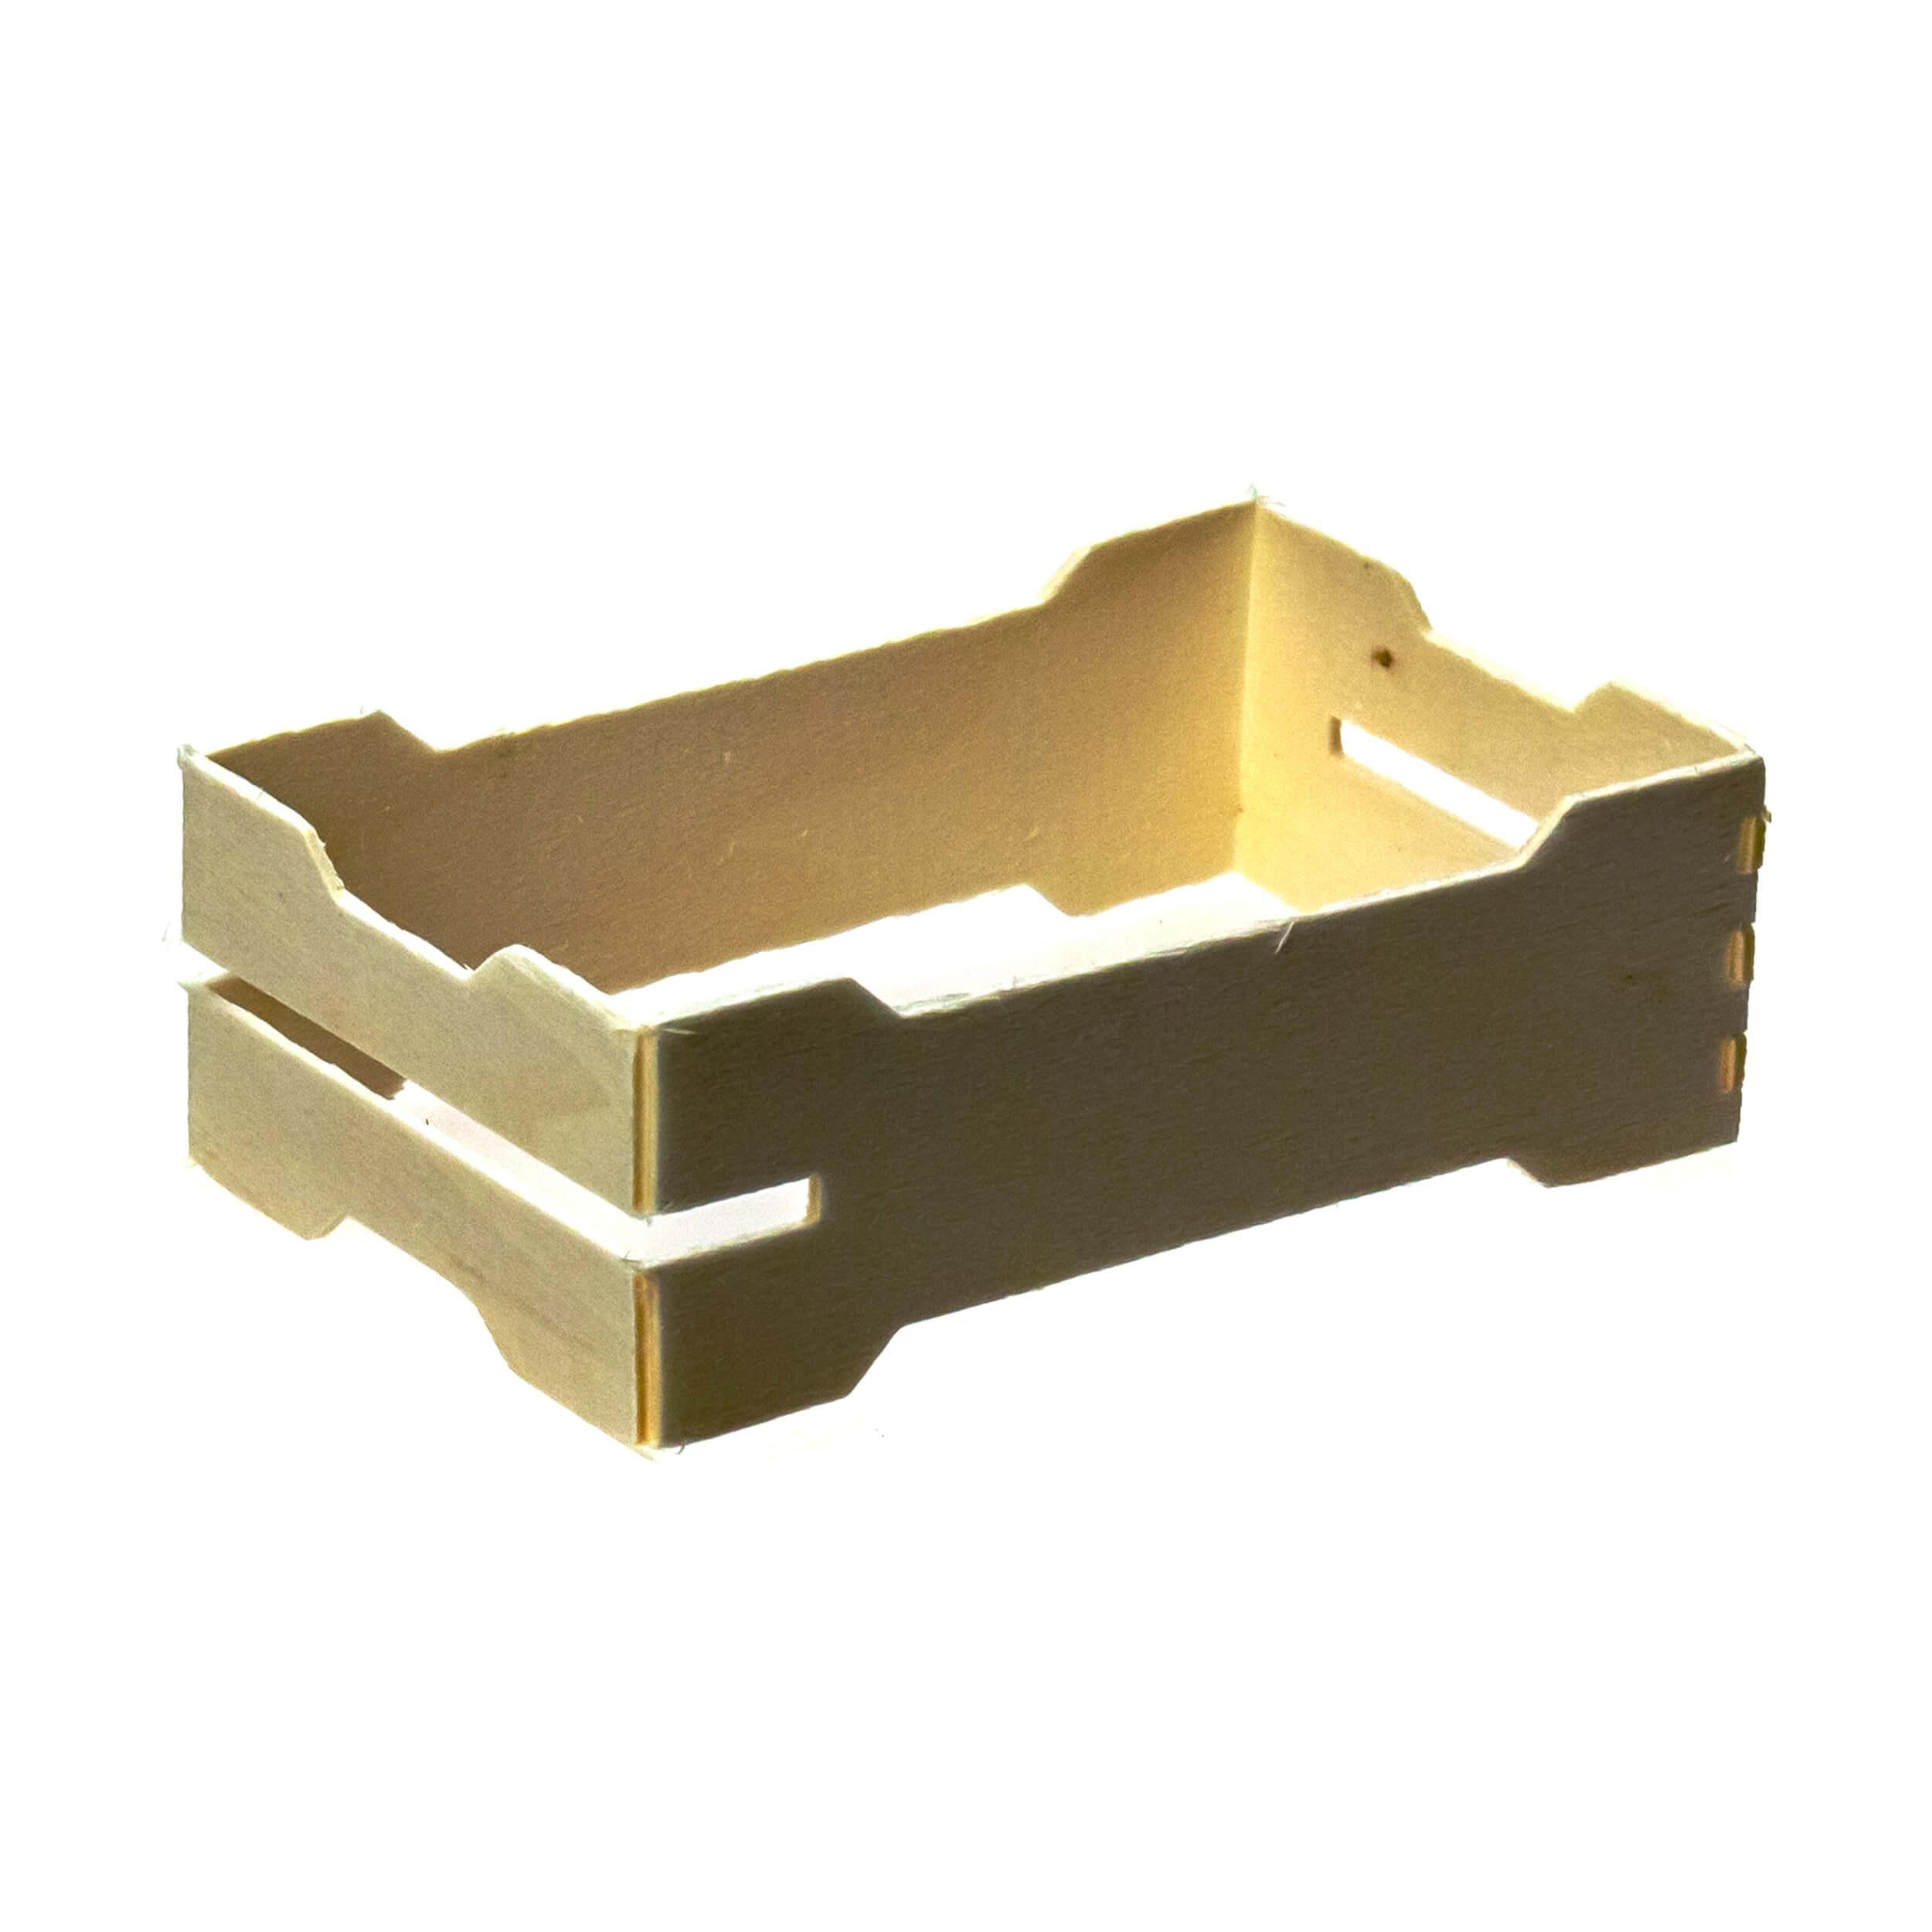 Мини рамка секционная для сотового меда (67х110х37 с верхними пазами, дерево, упаковка 50 штук) фото